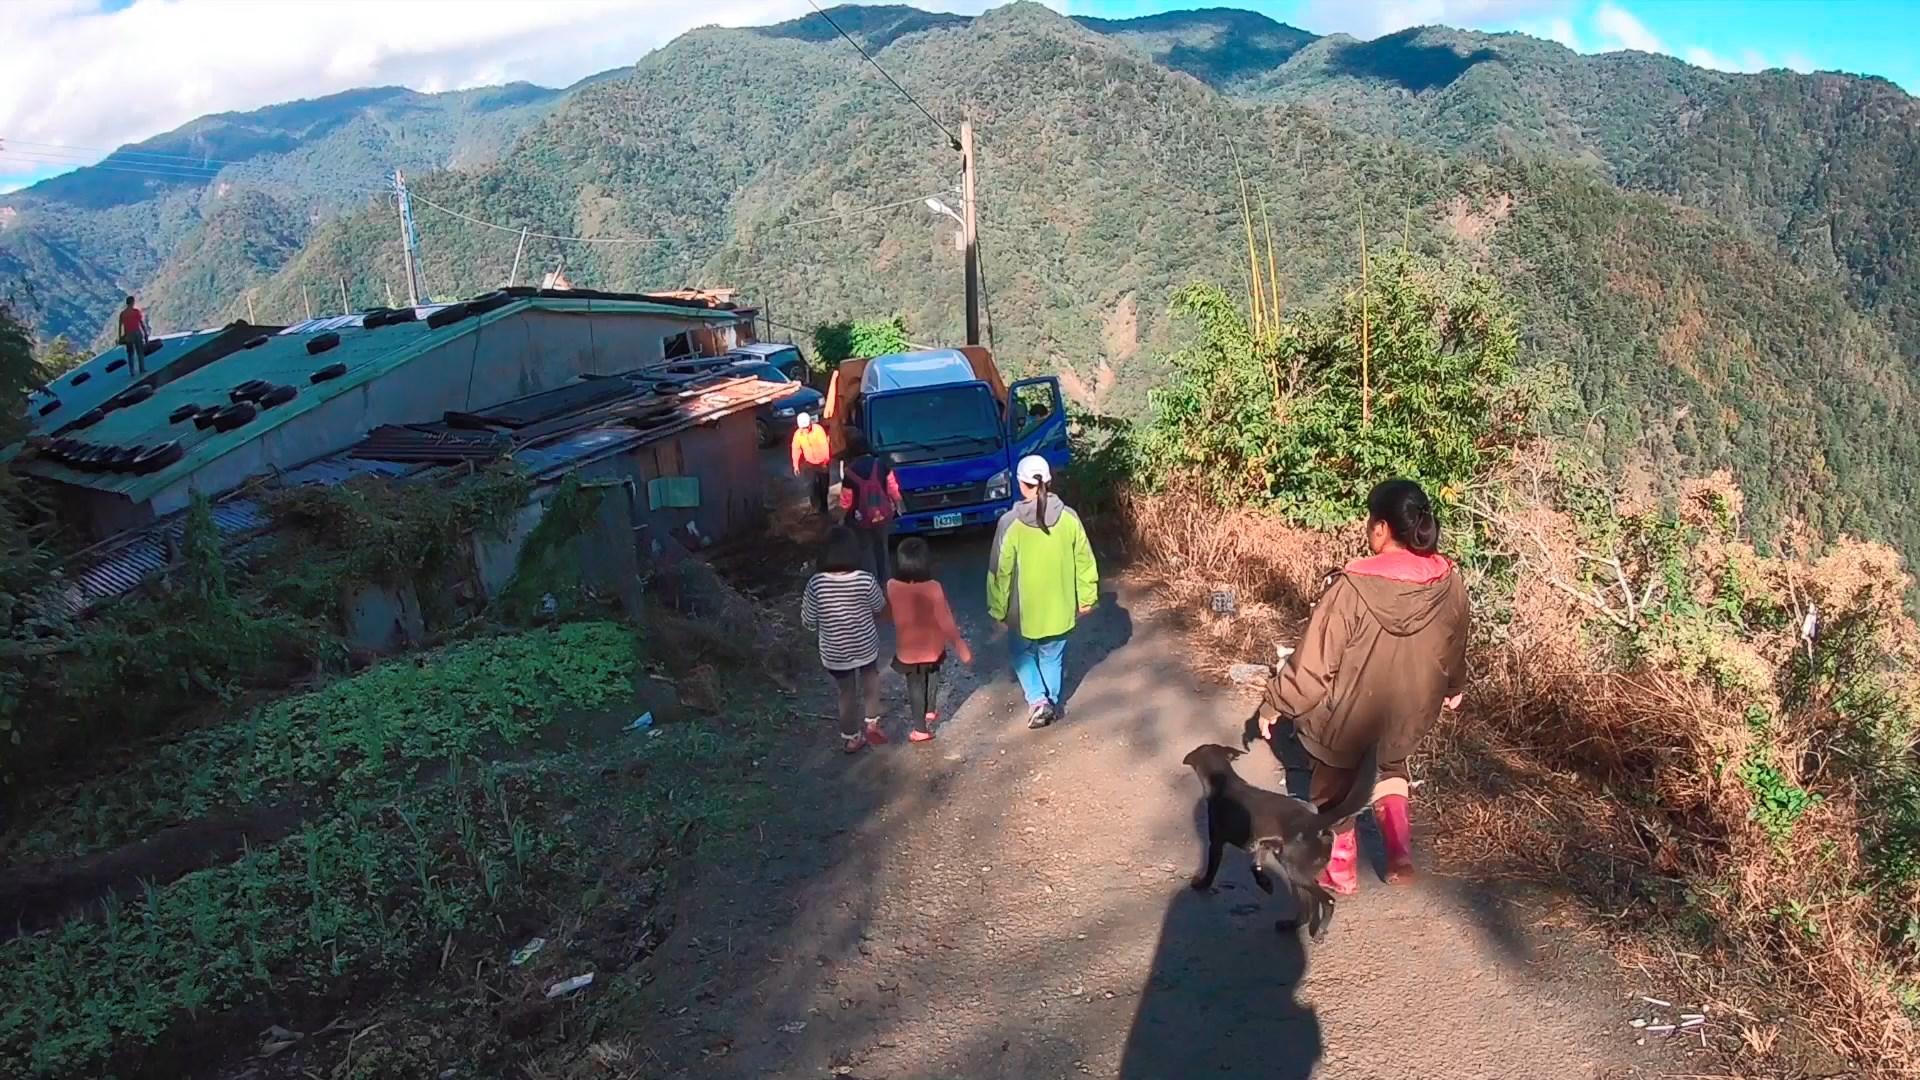 林瑋哲表示,新竹尖石鄉的案子是他目前遇過情況較艱難的,光是要進入深山就得花上4小時的車程。